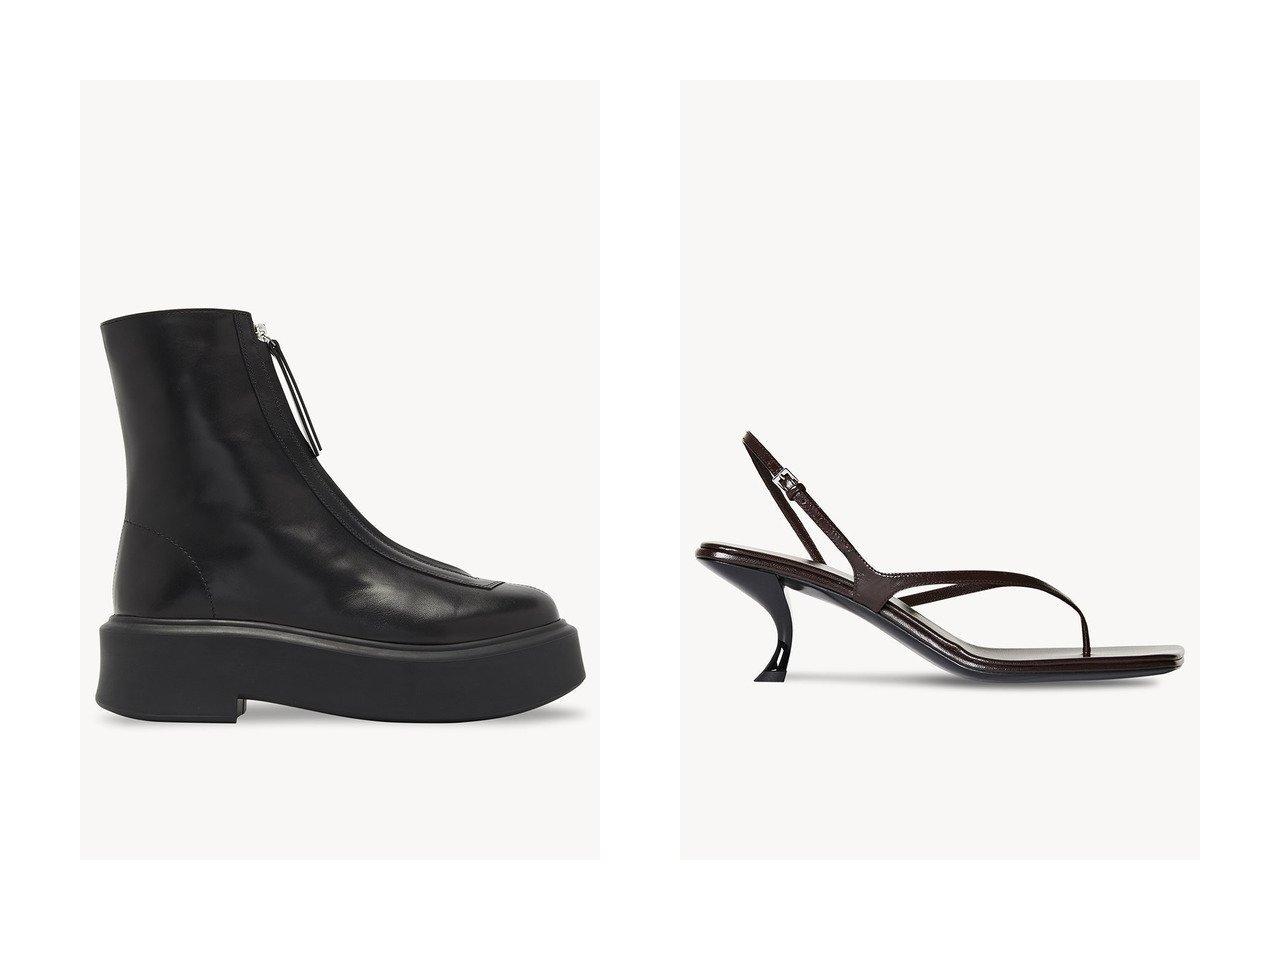 【THE ROW/ザ ロウ】のZIPPED BOOT&CONSTANCE サンダル 【シューズ・靴】おすすめ!人気、トレンド・レディースファッションの通販 おすすめで人気の流行・トレンド、ファッションの通販商品 インテリア・家具・メンズファッション・キッズファッション・レディースファッション・服の通販 founy(ファニー) https://founy.com/ ファッション Fashion レディースファッション WOMEN アンクル ショート ベーシック インソール エレガント サンダル シルバー ラップ |ID:crp329100000040302